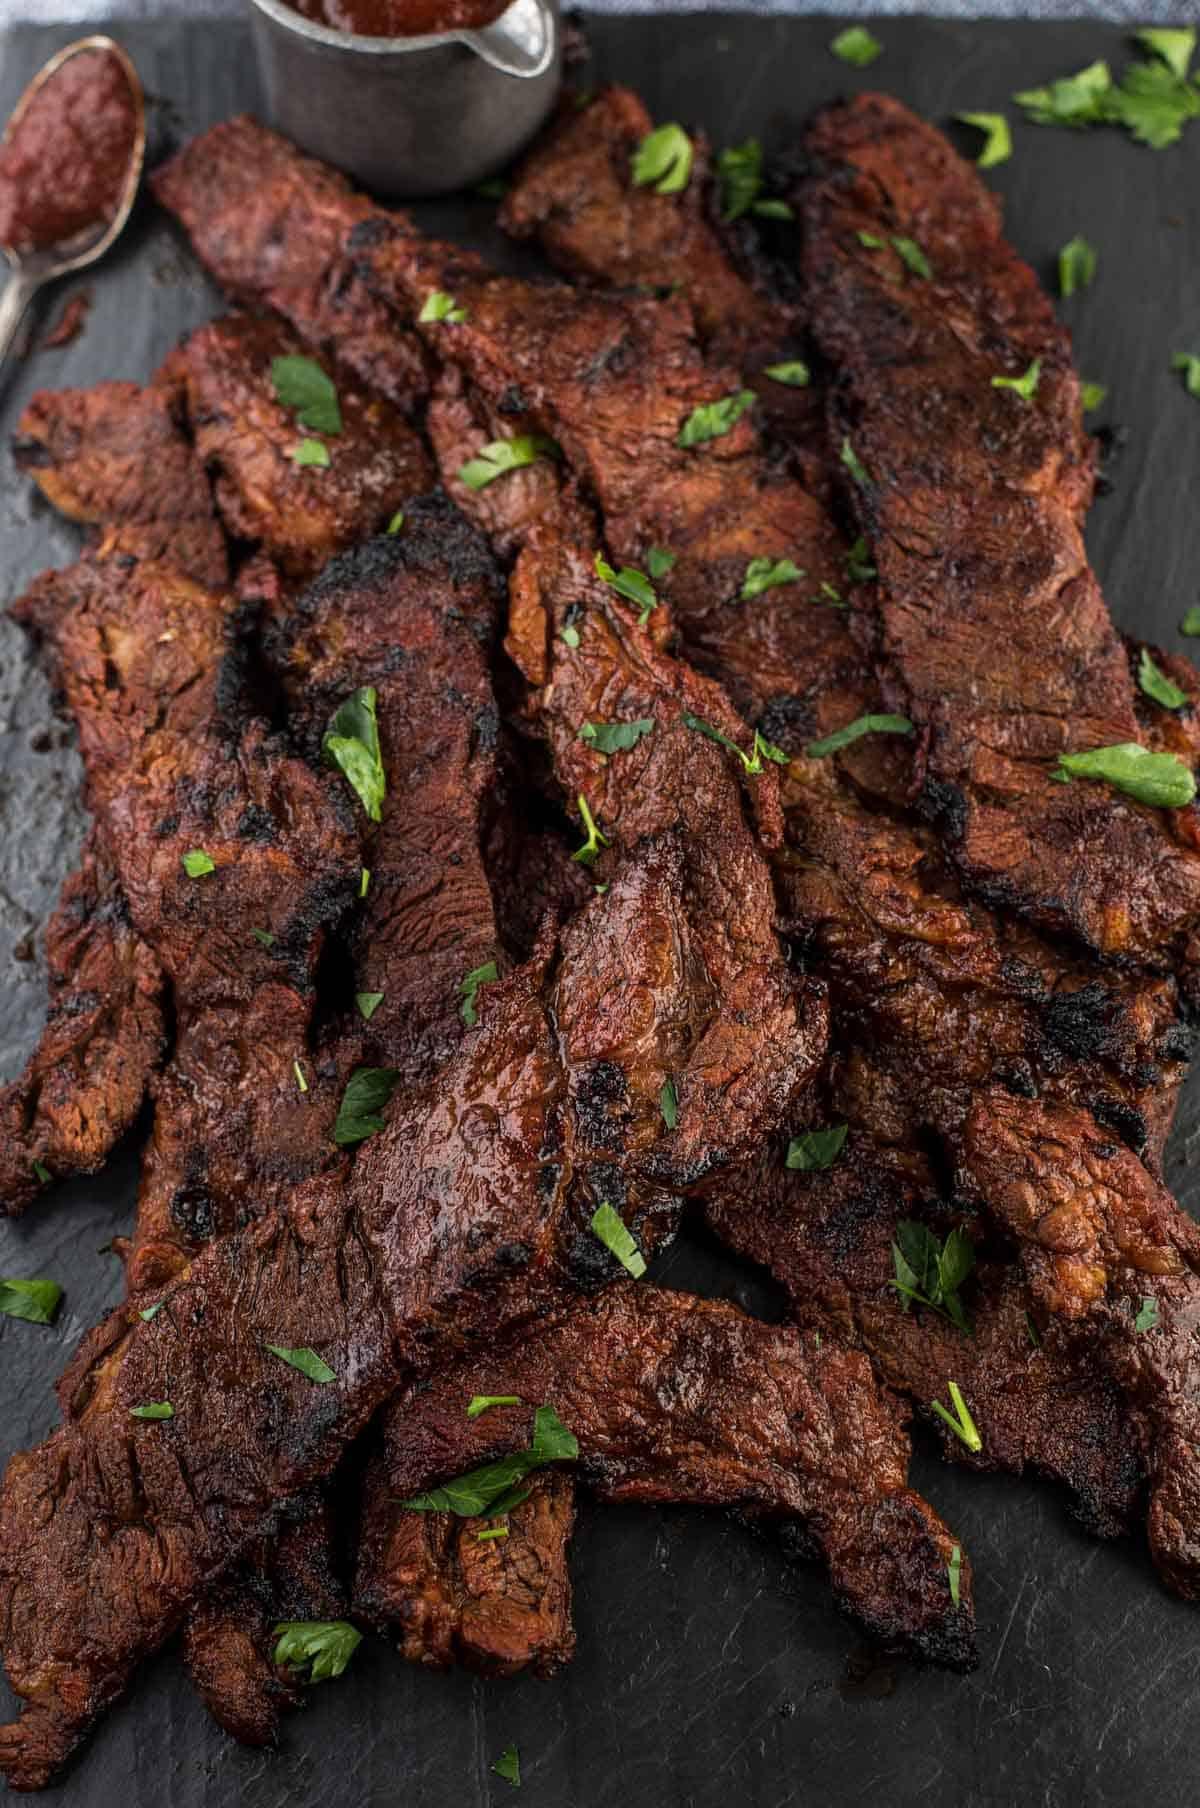 Slices of grilled marinated Flanken steak on a serving platter